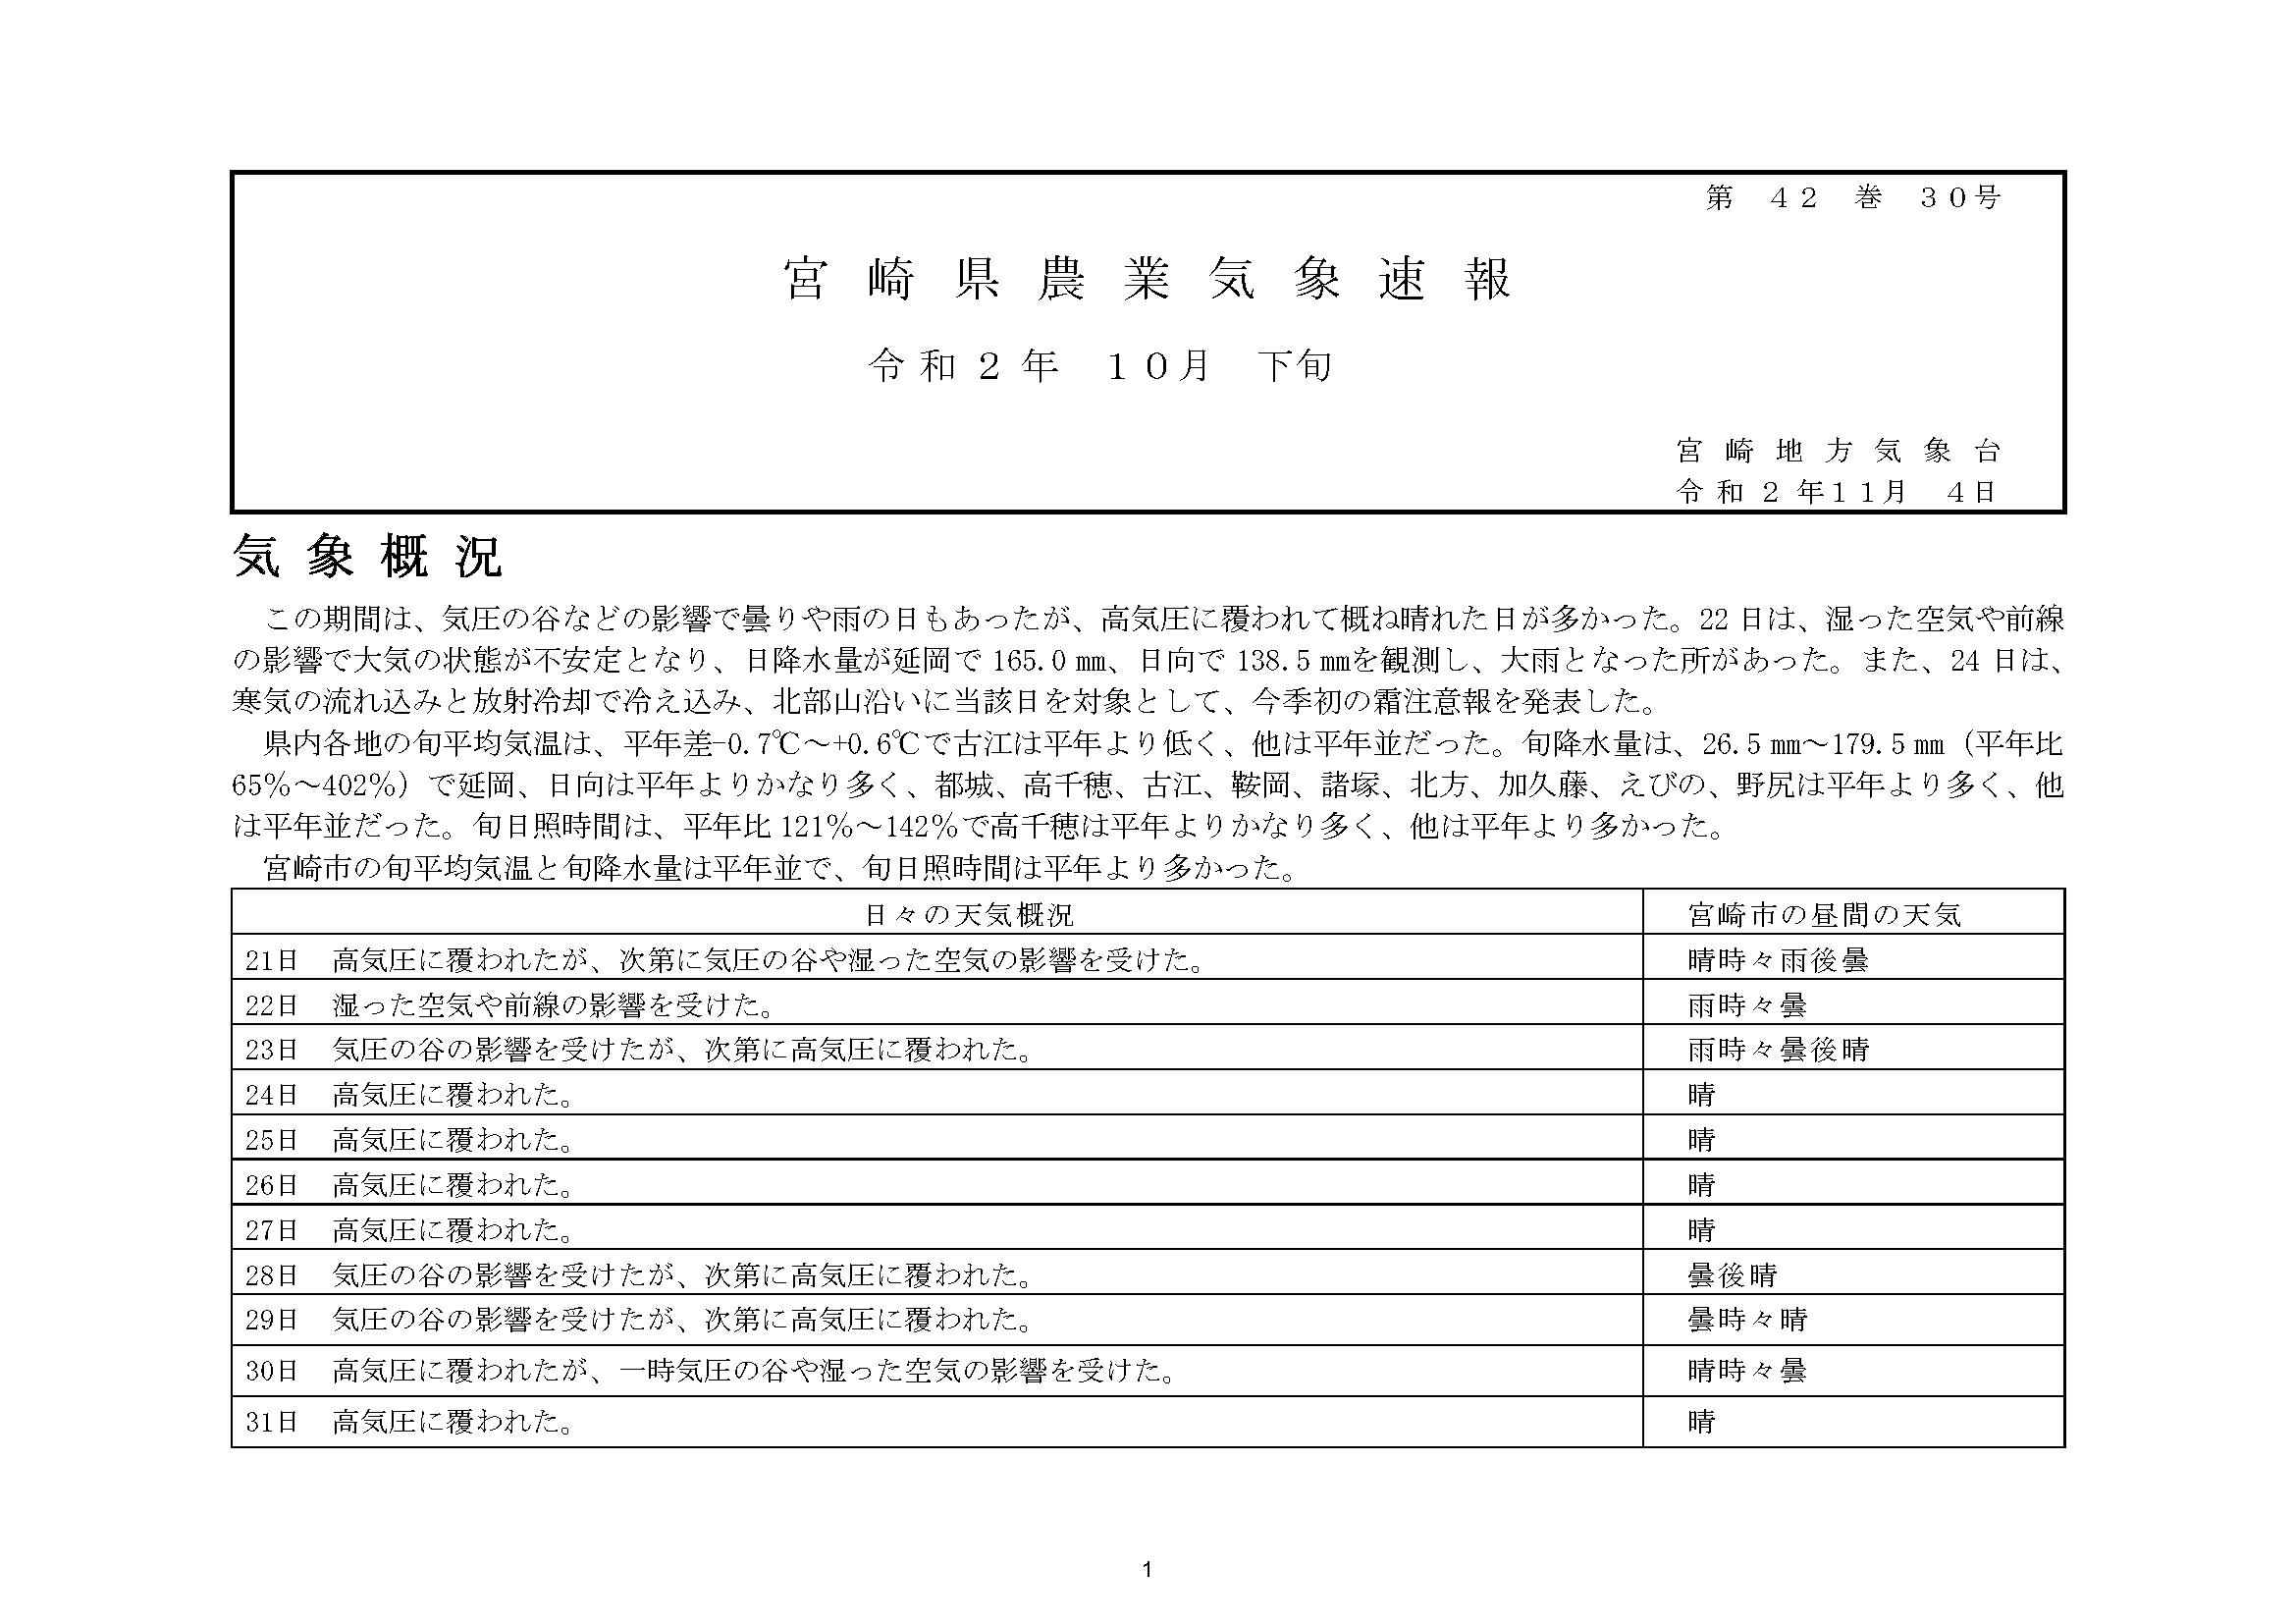 宮崎県農業気象速報令和2年10月下旬PDF